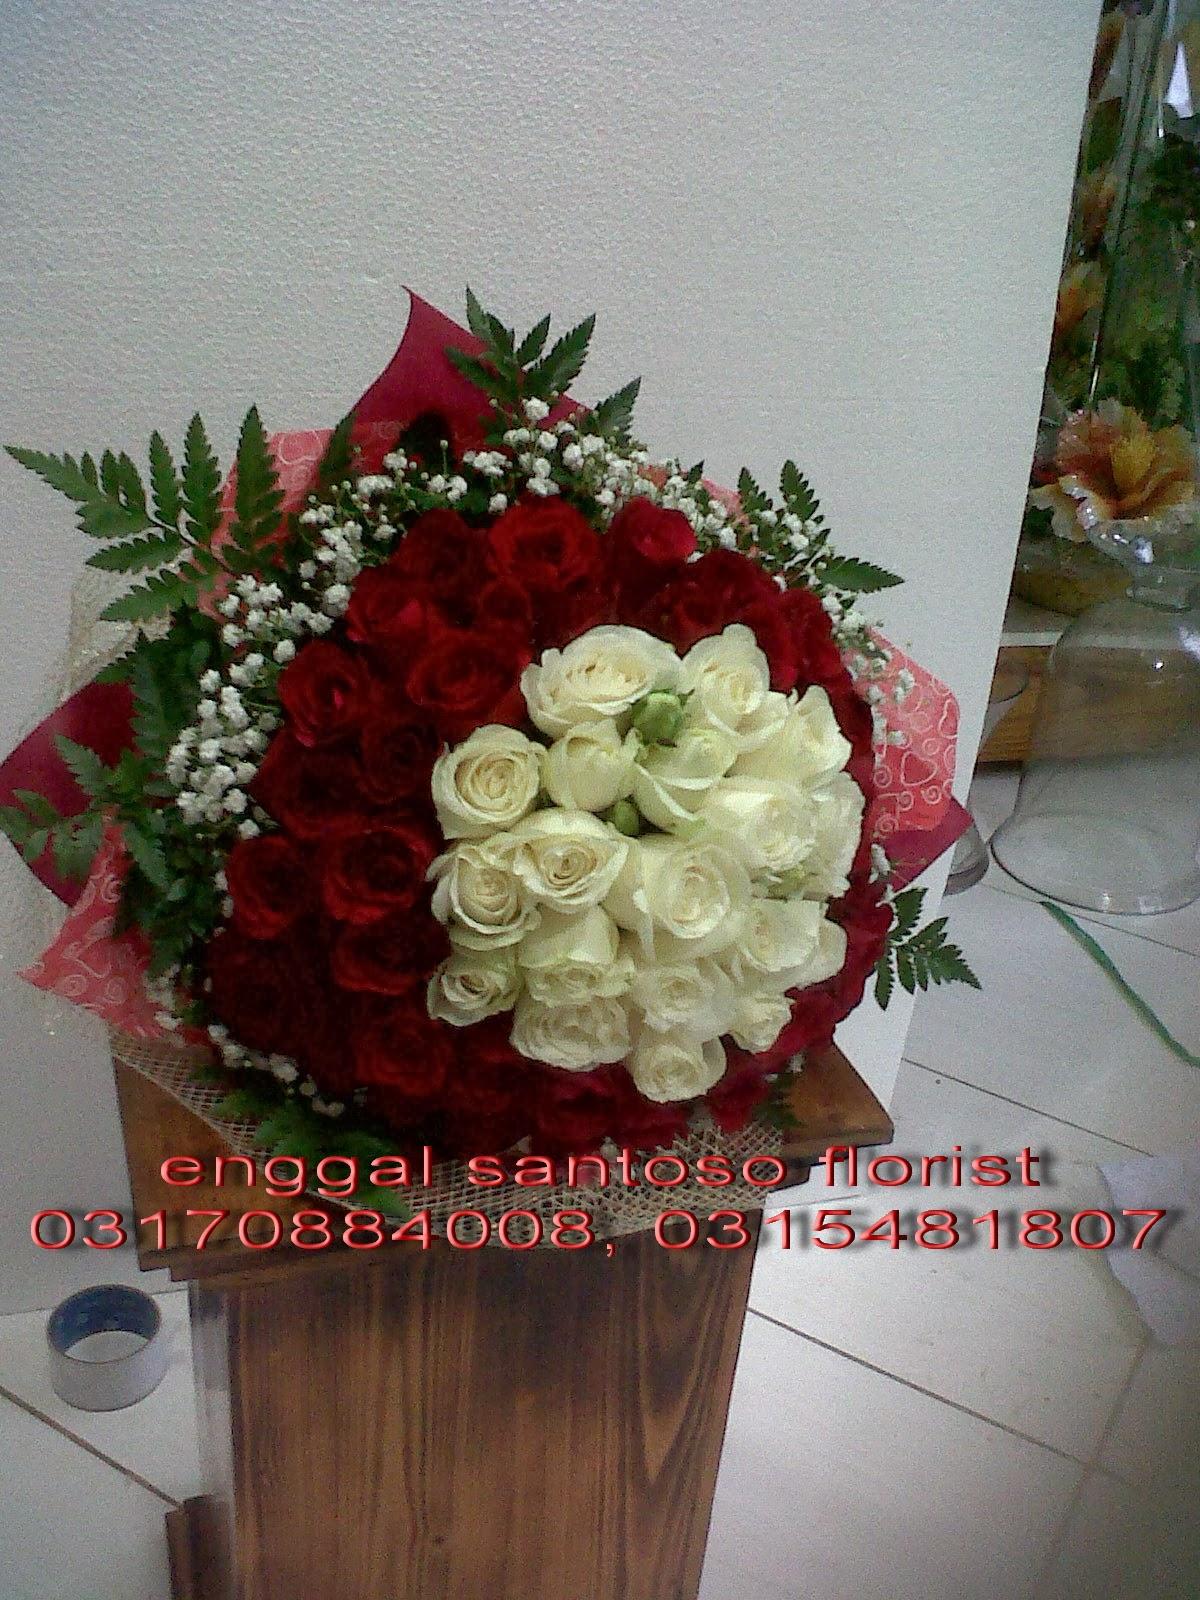 bunga tangan dan hand bouquet mawar merah & putih